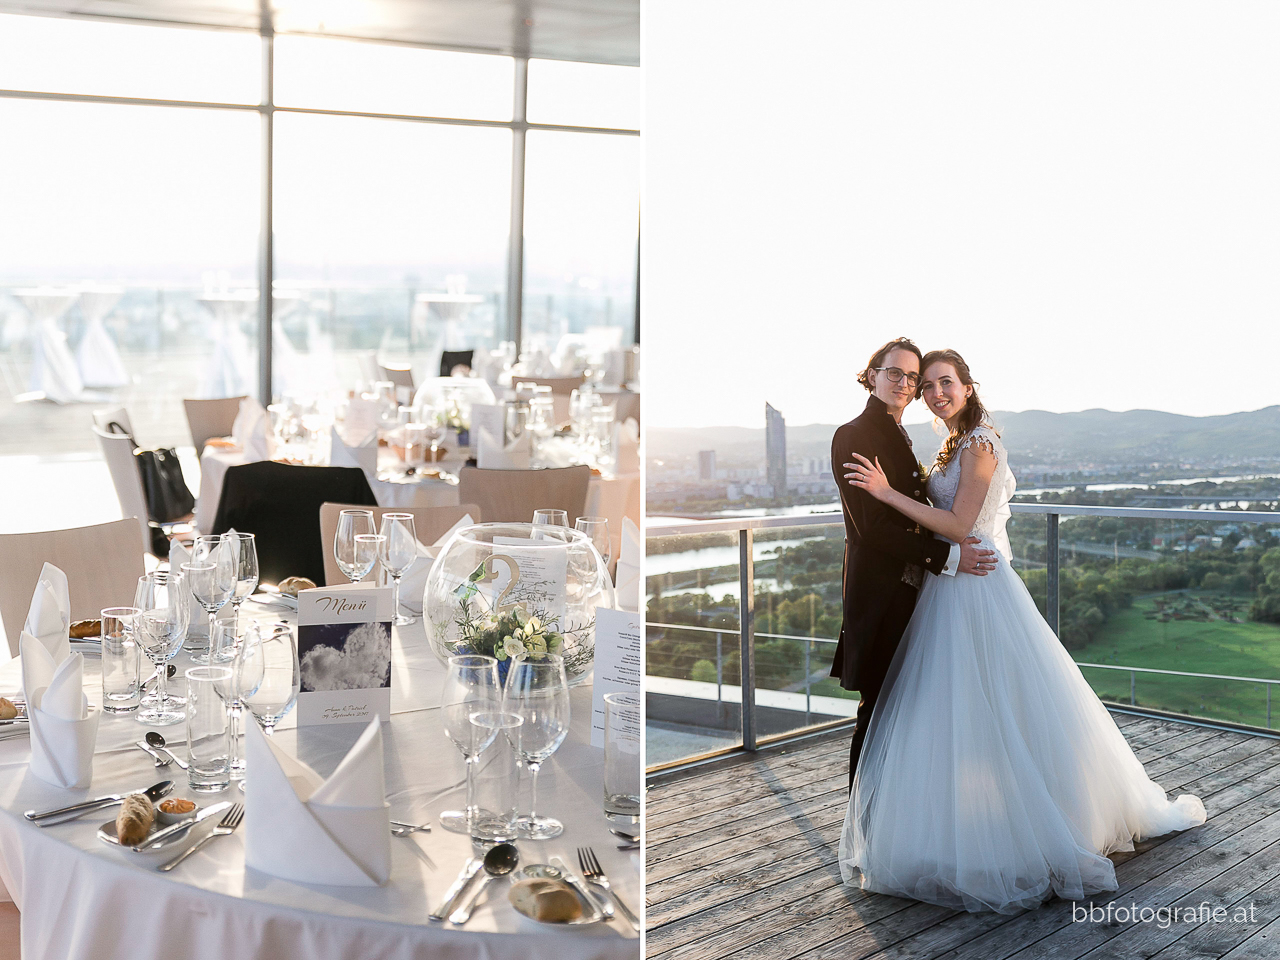 Hochzeitsfotograf, Hochzeitsfotograf Wien, Hochzeitslocation Wien, Hochzeitslocation Wolke 21, Hochzeit in Wien, Brautpaar, Paarshooting, Hochzeit mit Ausblick, b&b fotografie